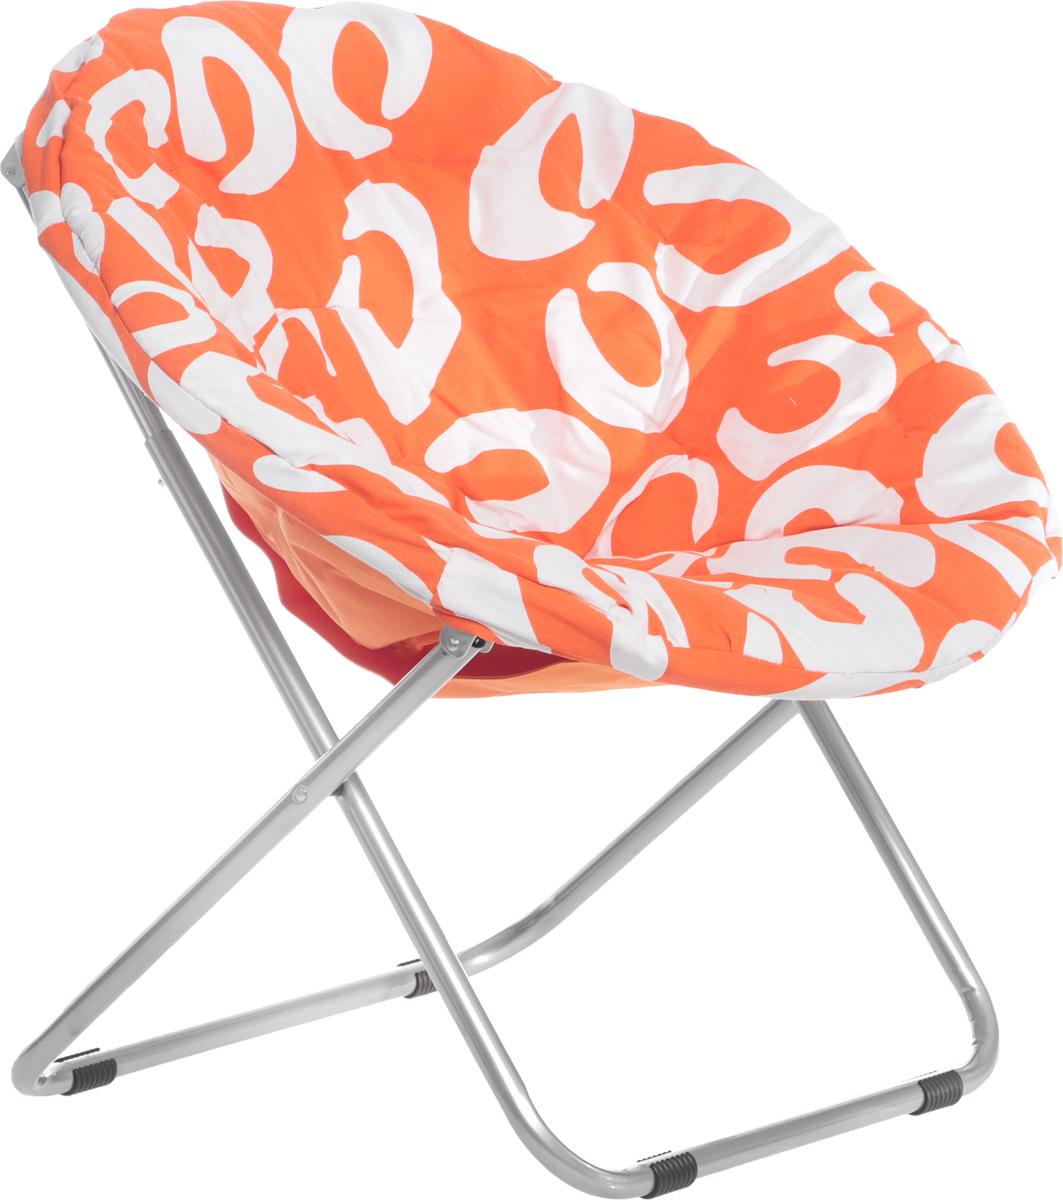 Кресло садовое Wildman, со съемным чехлом, цвет: оранжевый, 77 х 64 х 80 см